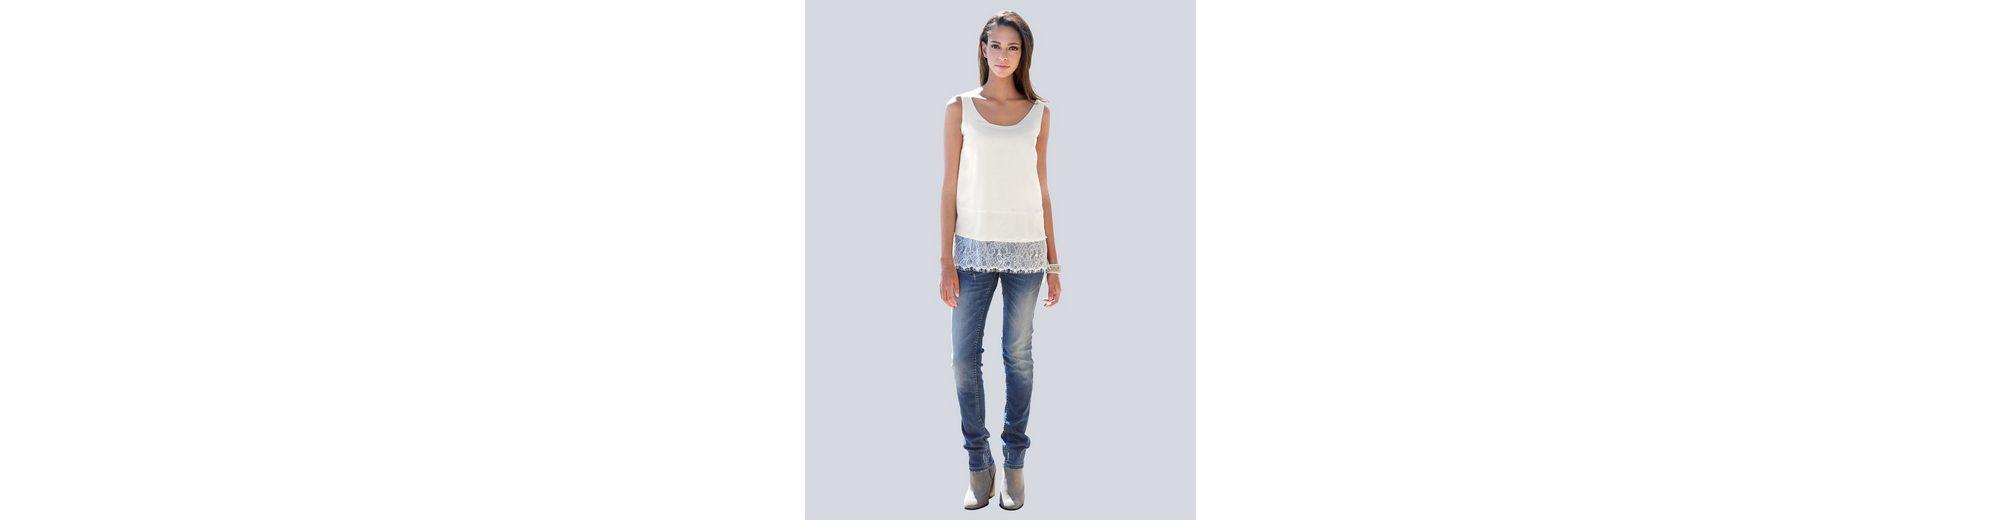 Alba Moda Jeans mit Nietenapplikationen in Herzform Sneakernews Kaufen Authentische Online Shop Online-Verkauf Spielraum Gut Verkaufen Sammlungen mnLs9zJkY